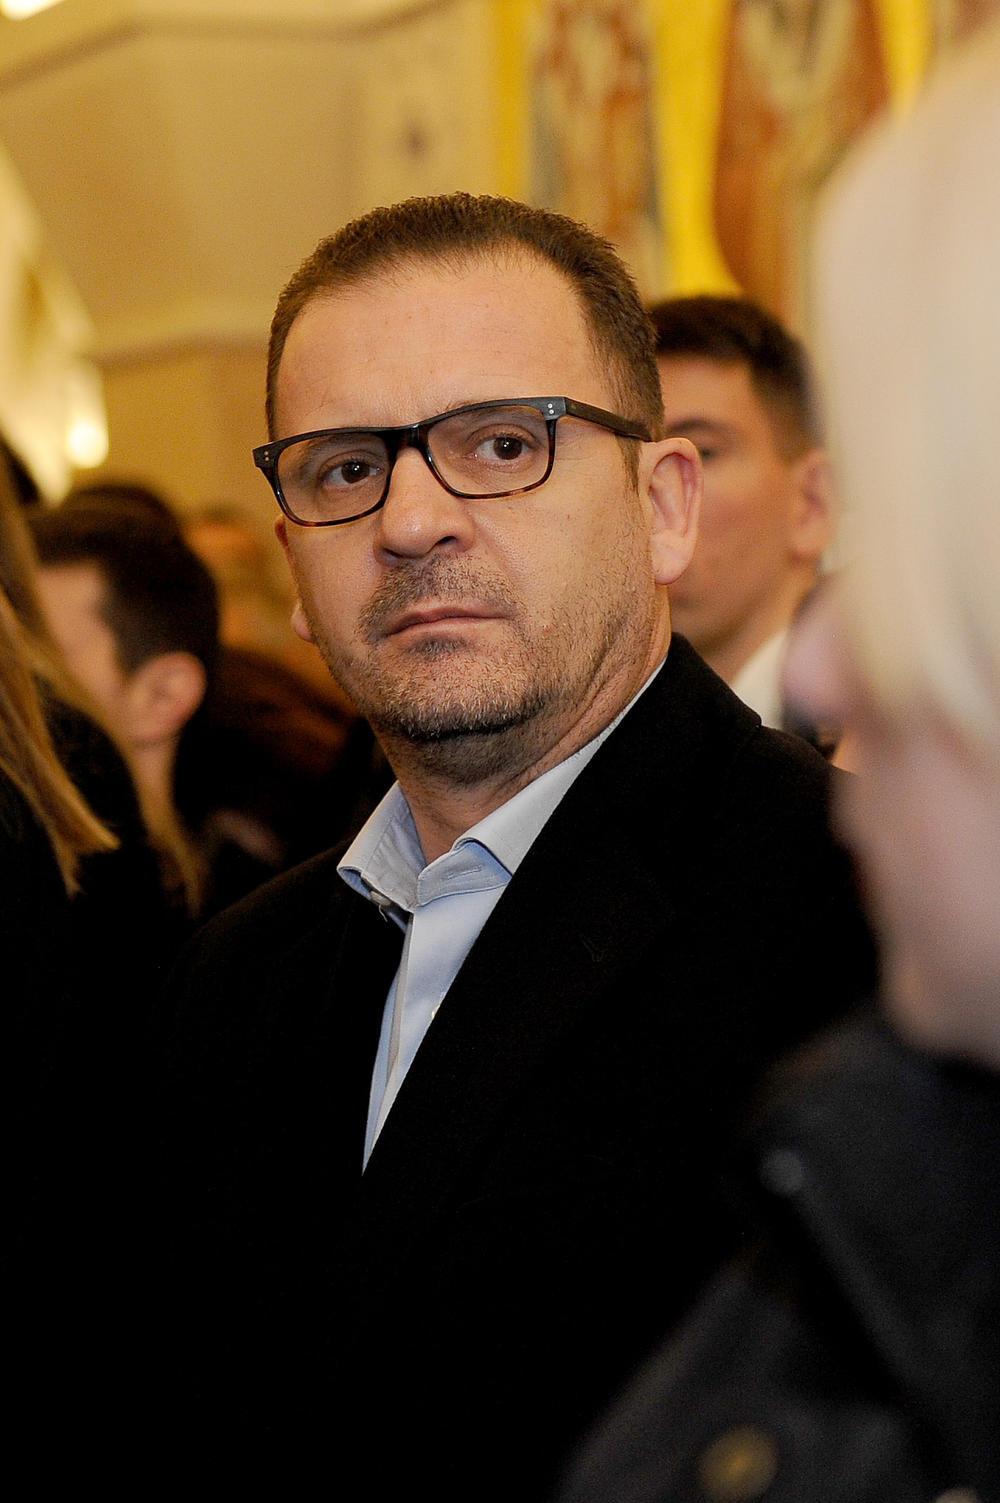 Peđa Mijatović bio je u vezi sa Ksenijom Pajčin